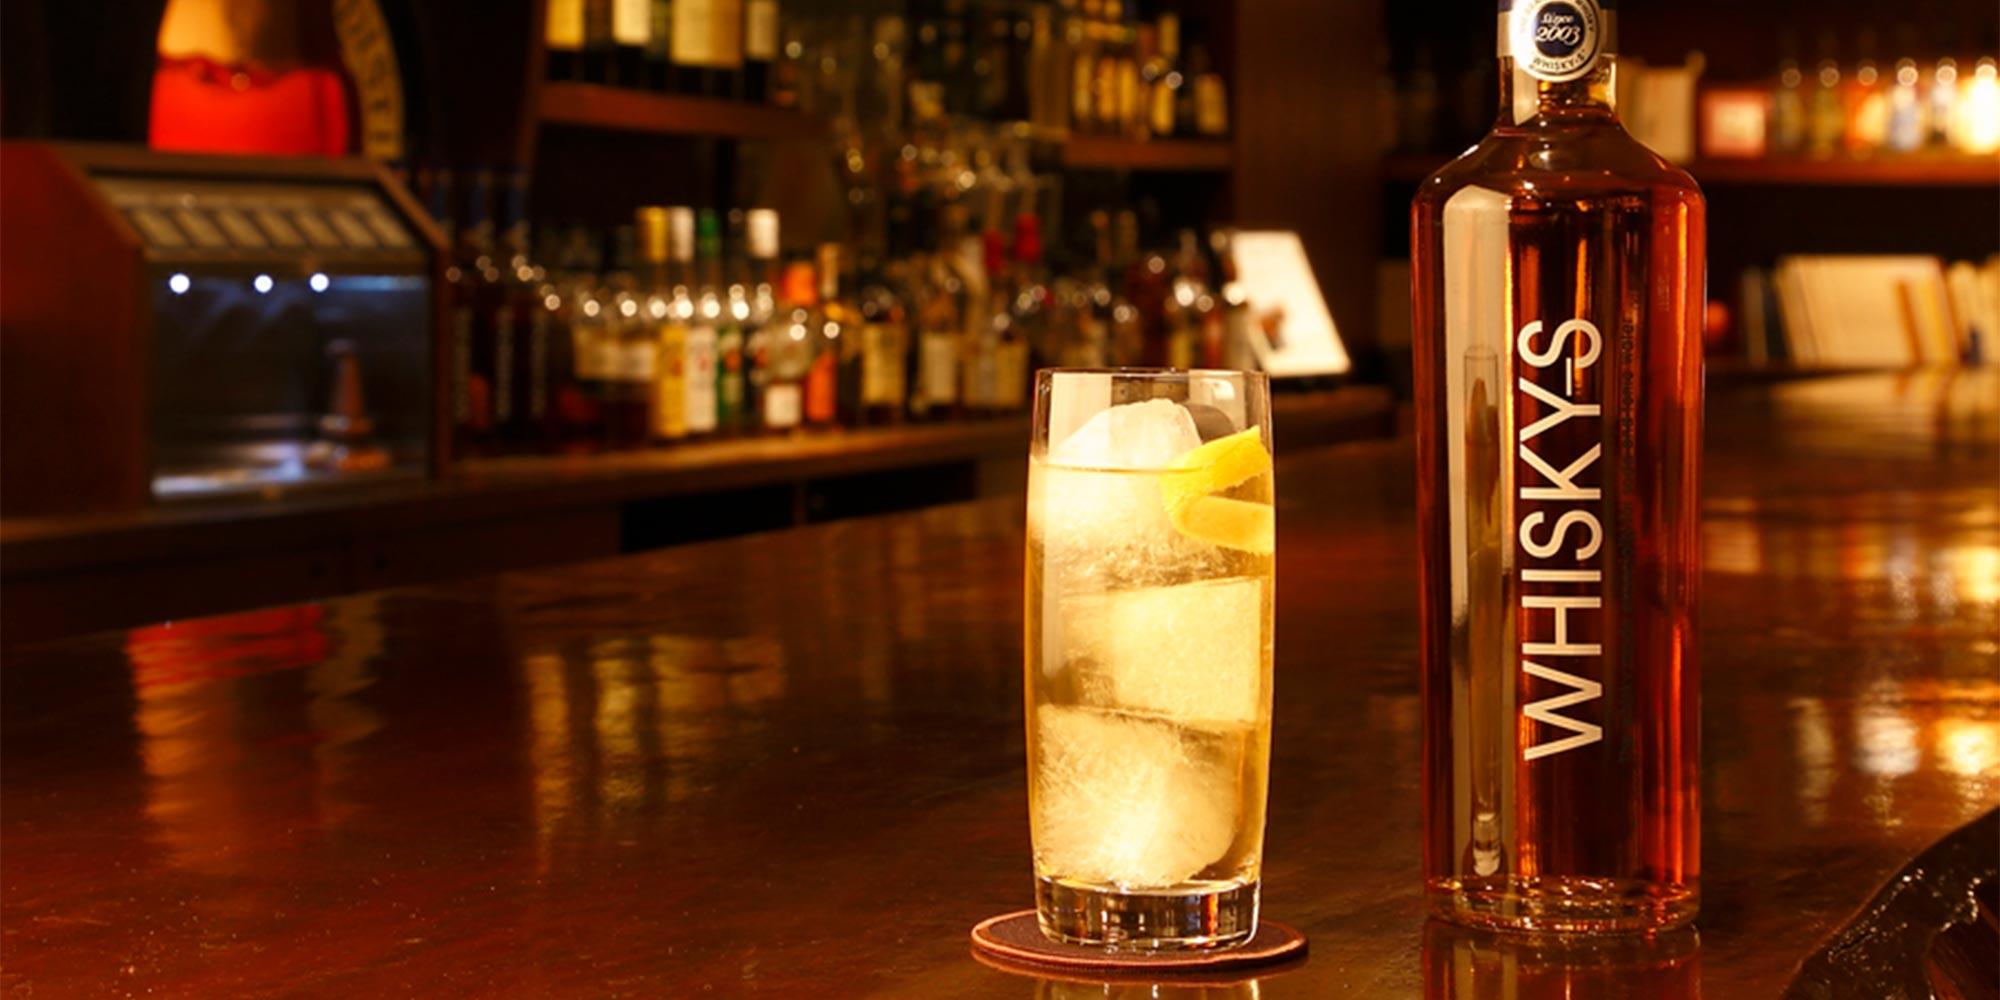 Hibiya Bar Whisky-S Ⅱ